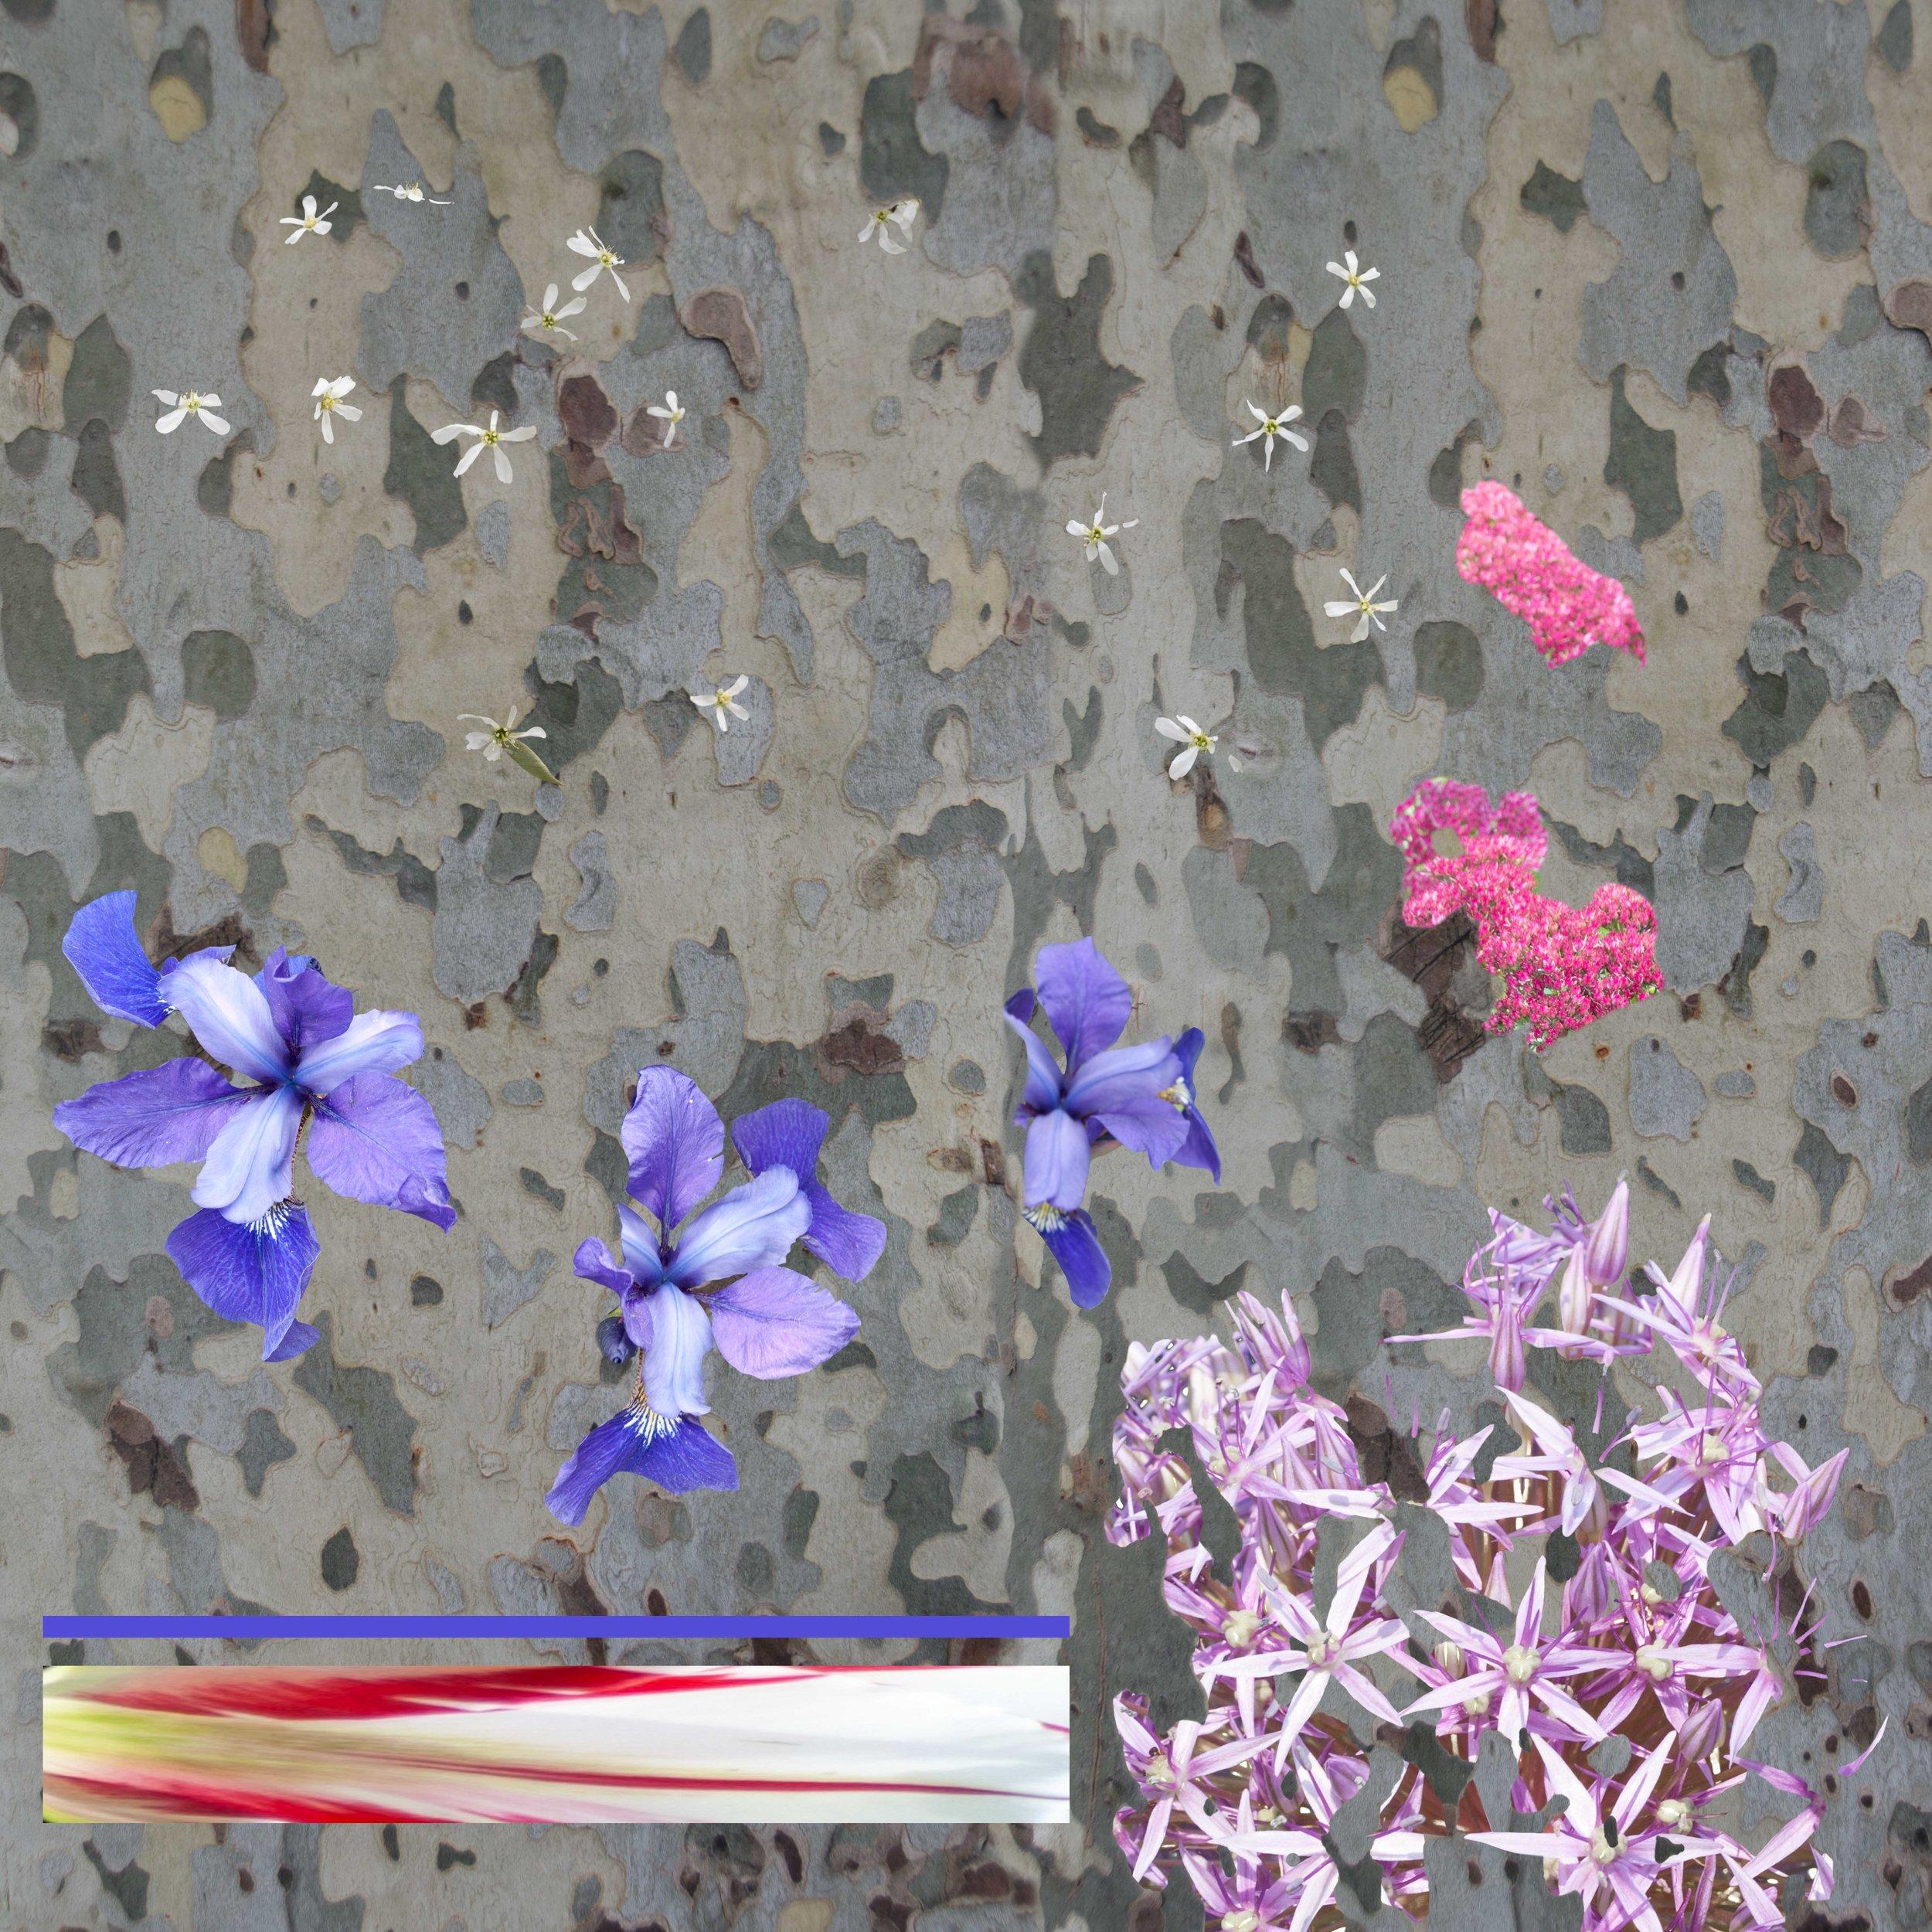 Violet Line_72 DPI.jpg